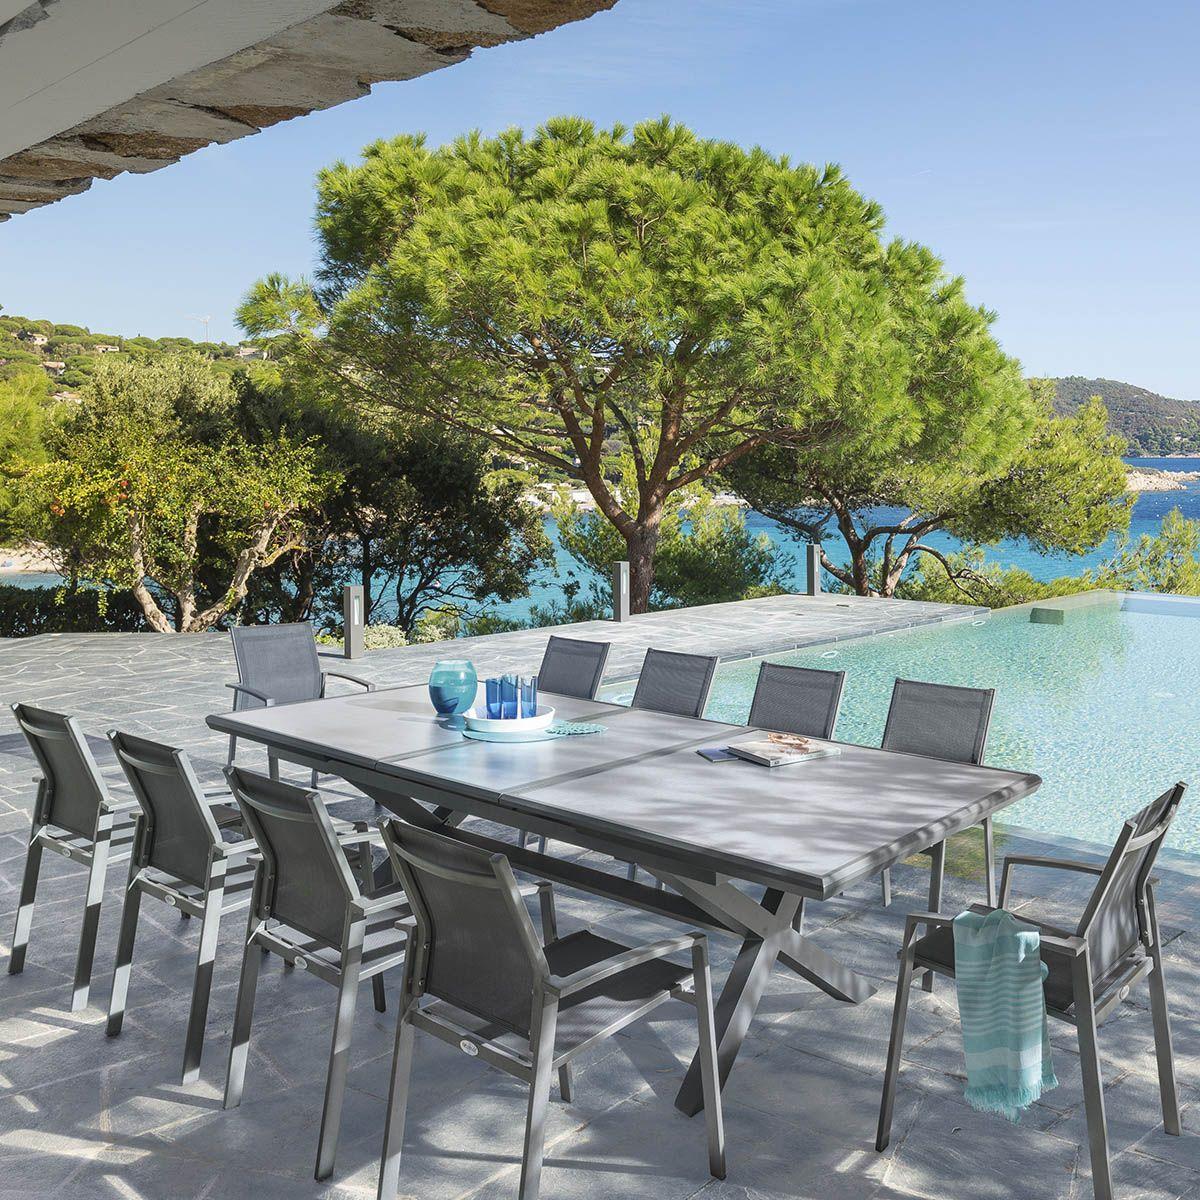 Invitez vos amis en toute sérénité avec la table de jardin ...